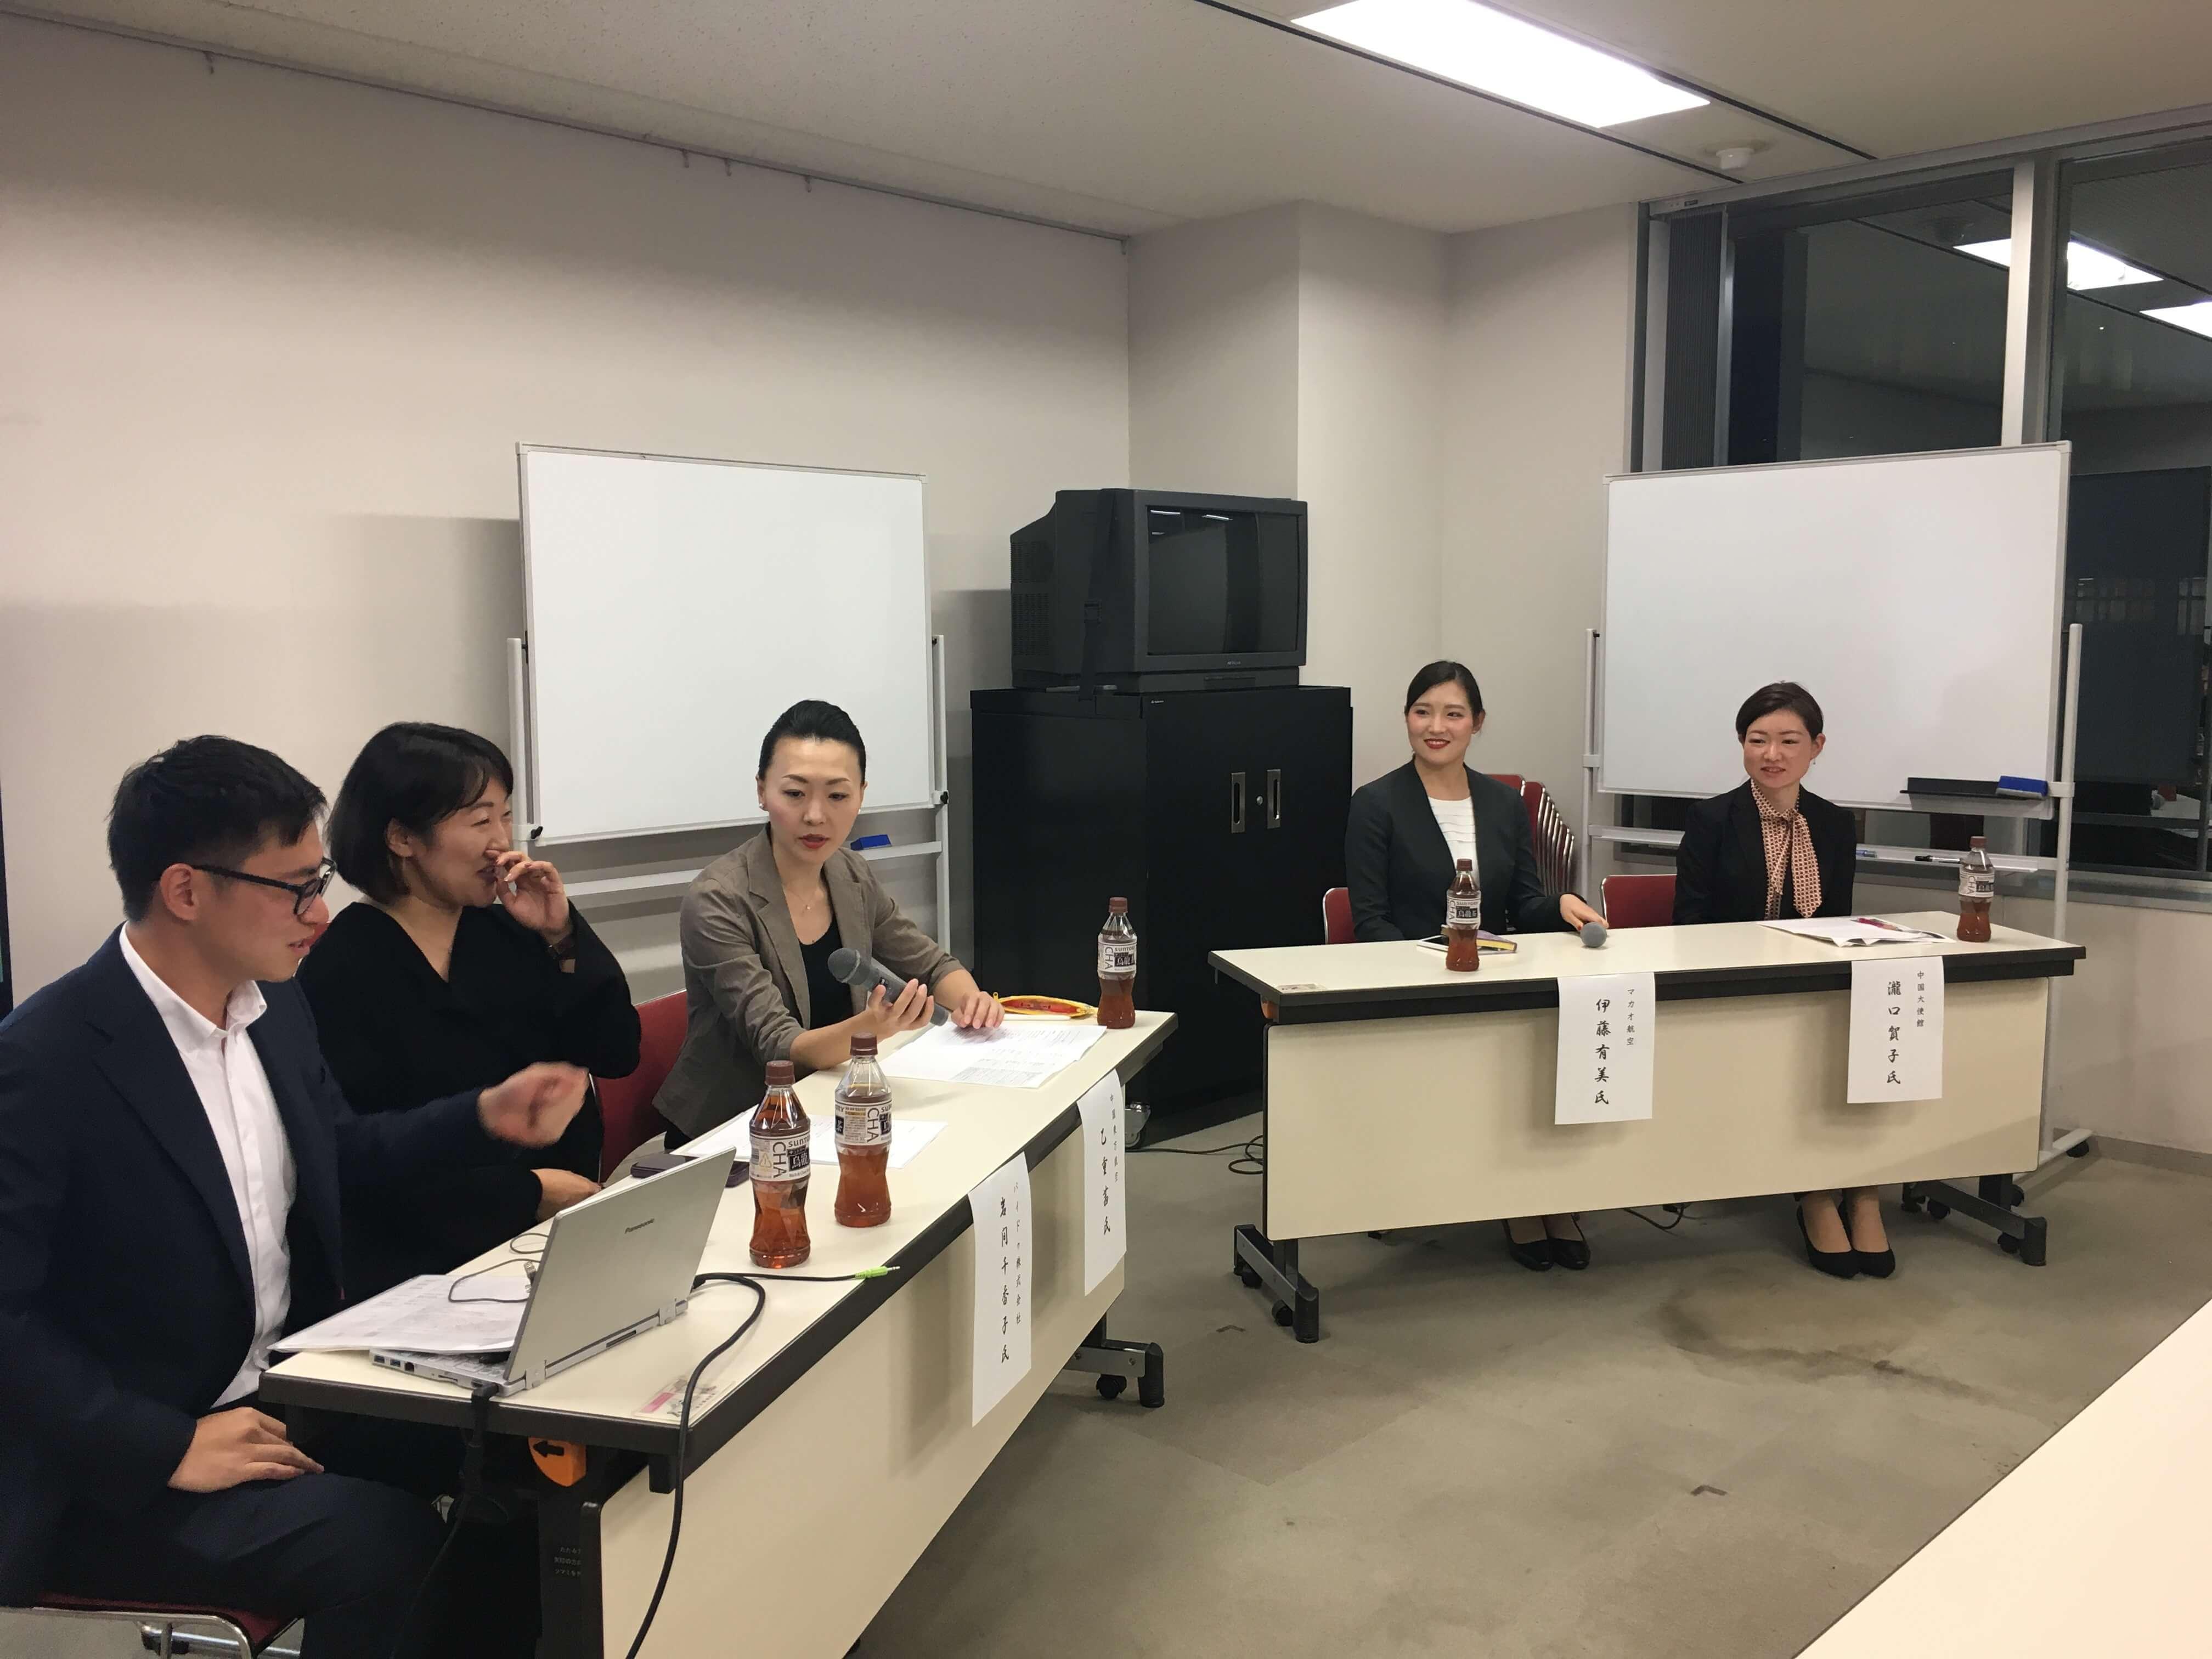 【活動報告】中国系企業で日本の女性はどのように働いているのか